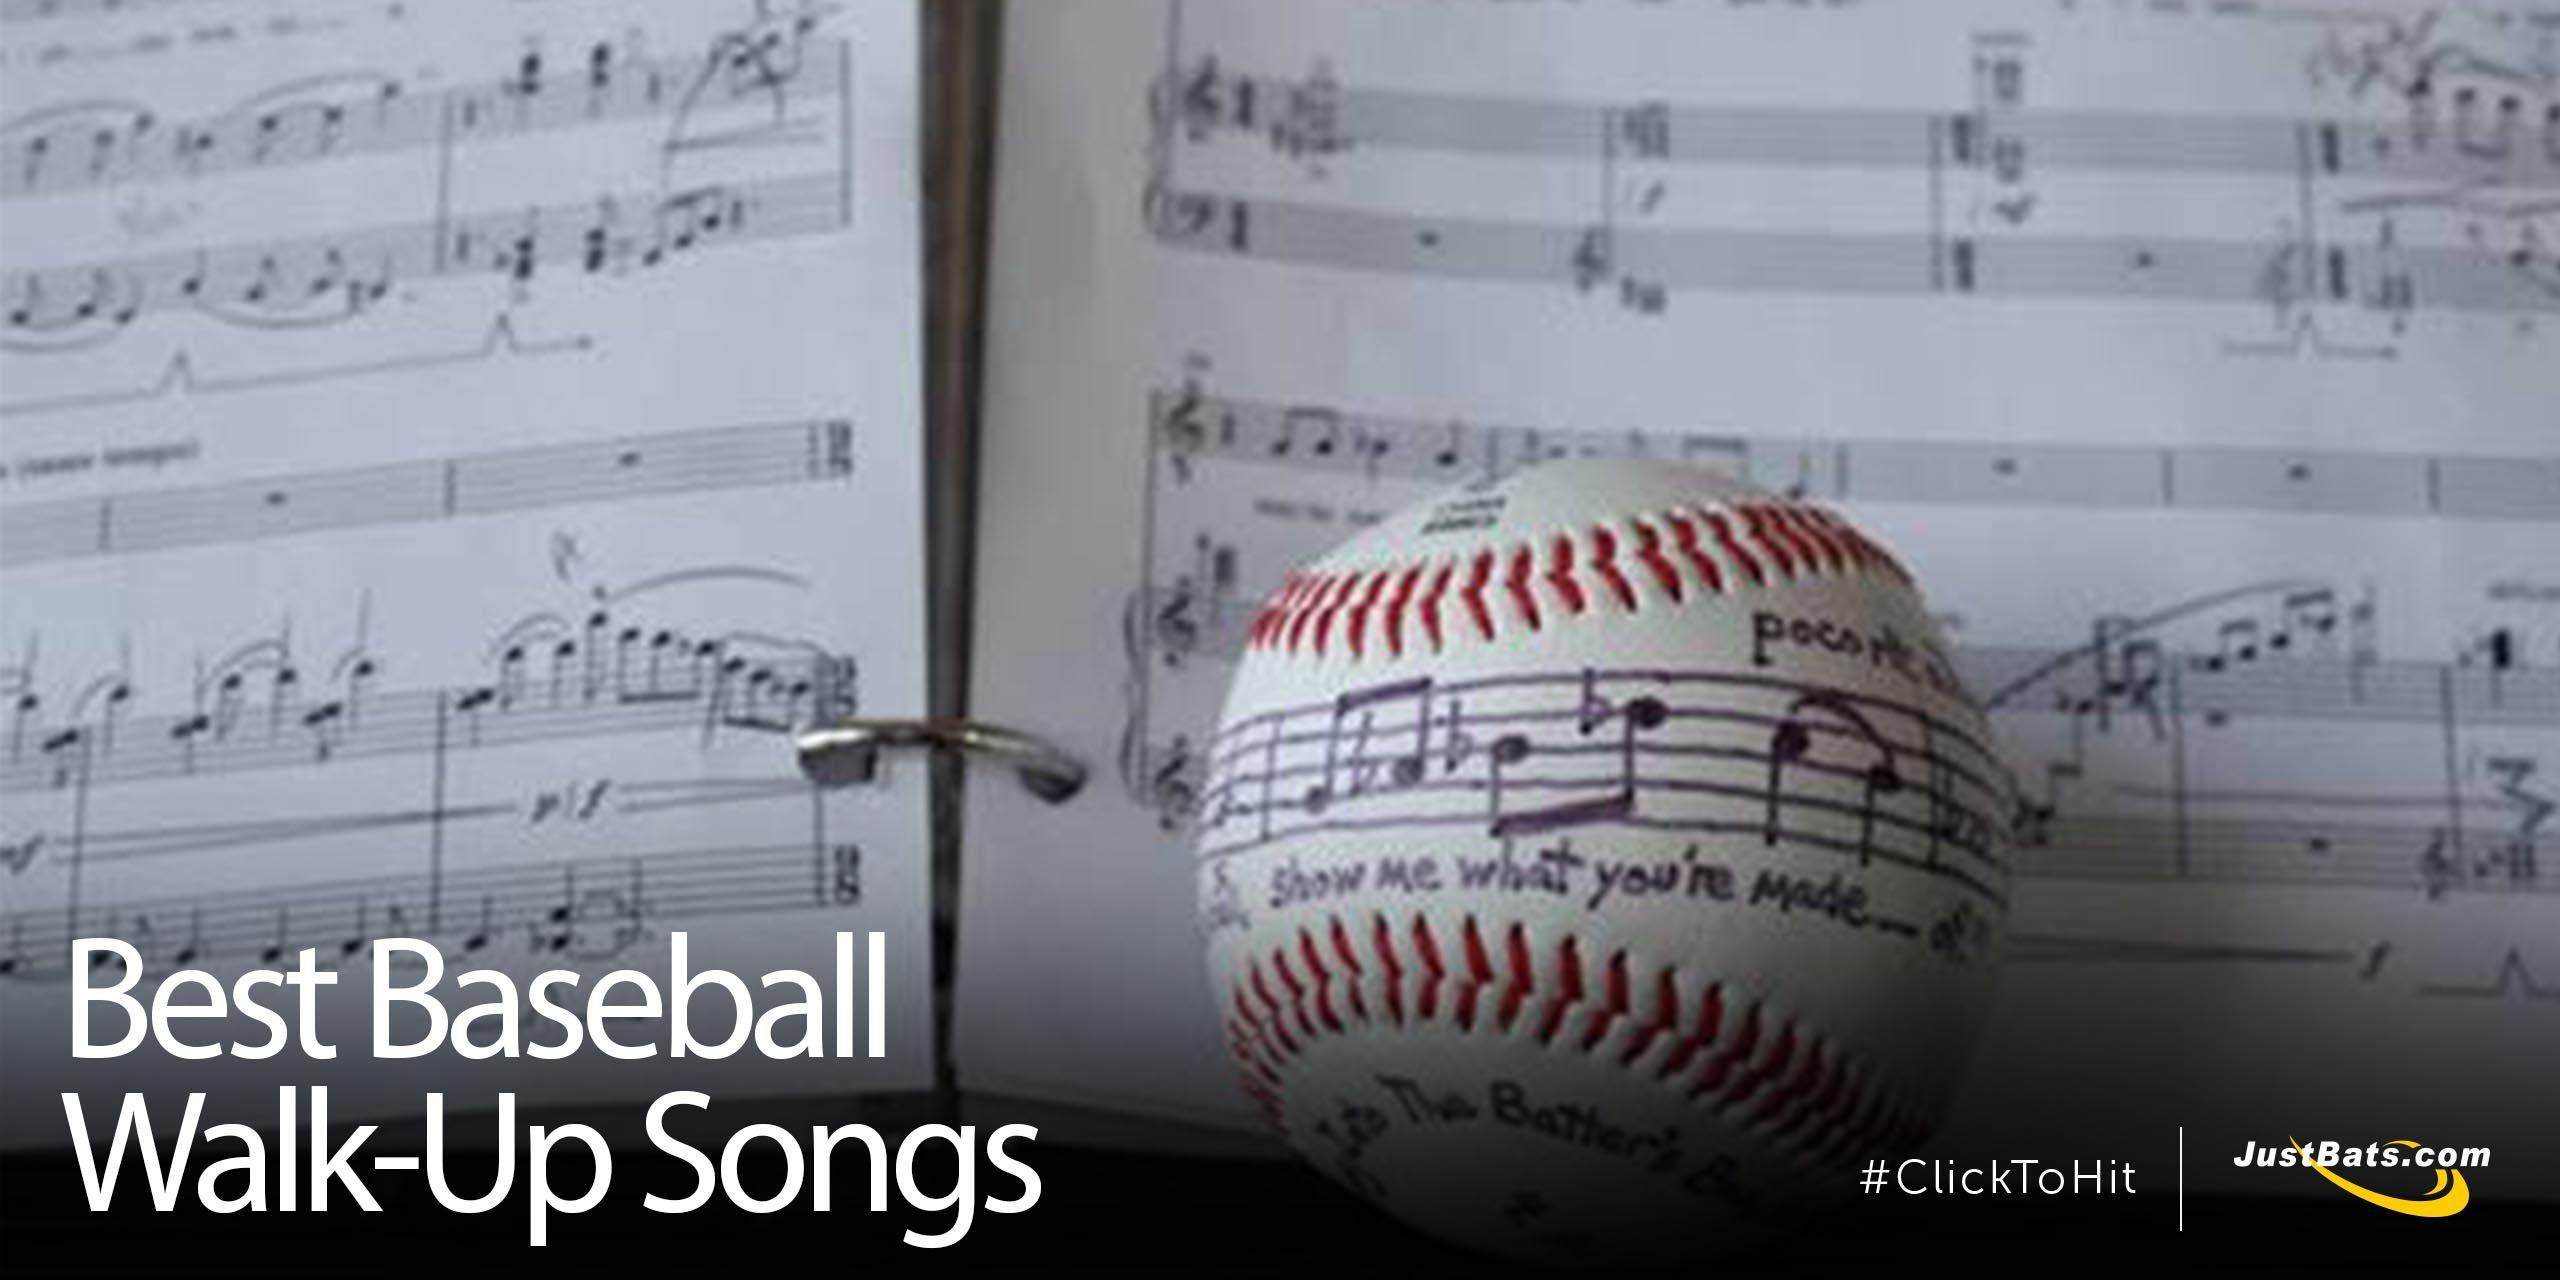 Best Baseball Walk-Up Songs By Genre